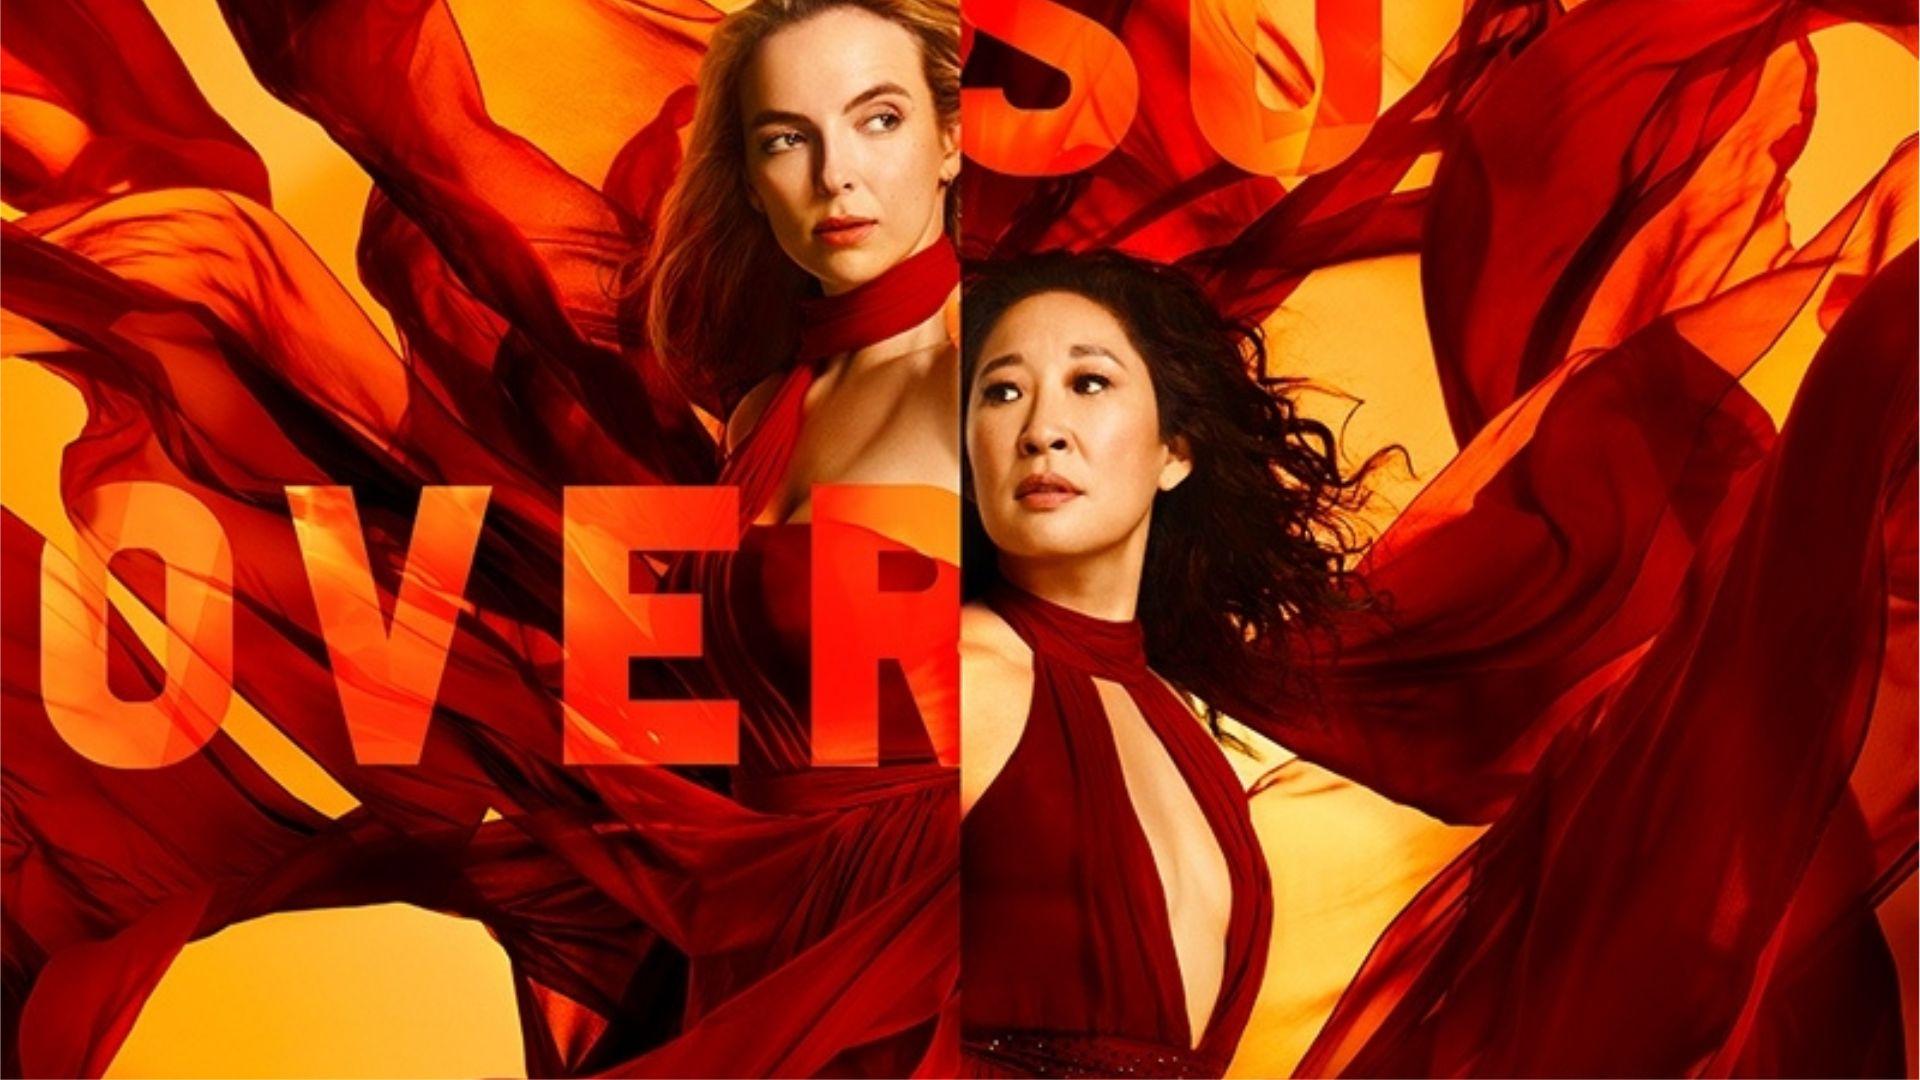 Killing Eve : les 5 moments les plus choc de la saison 3